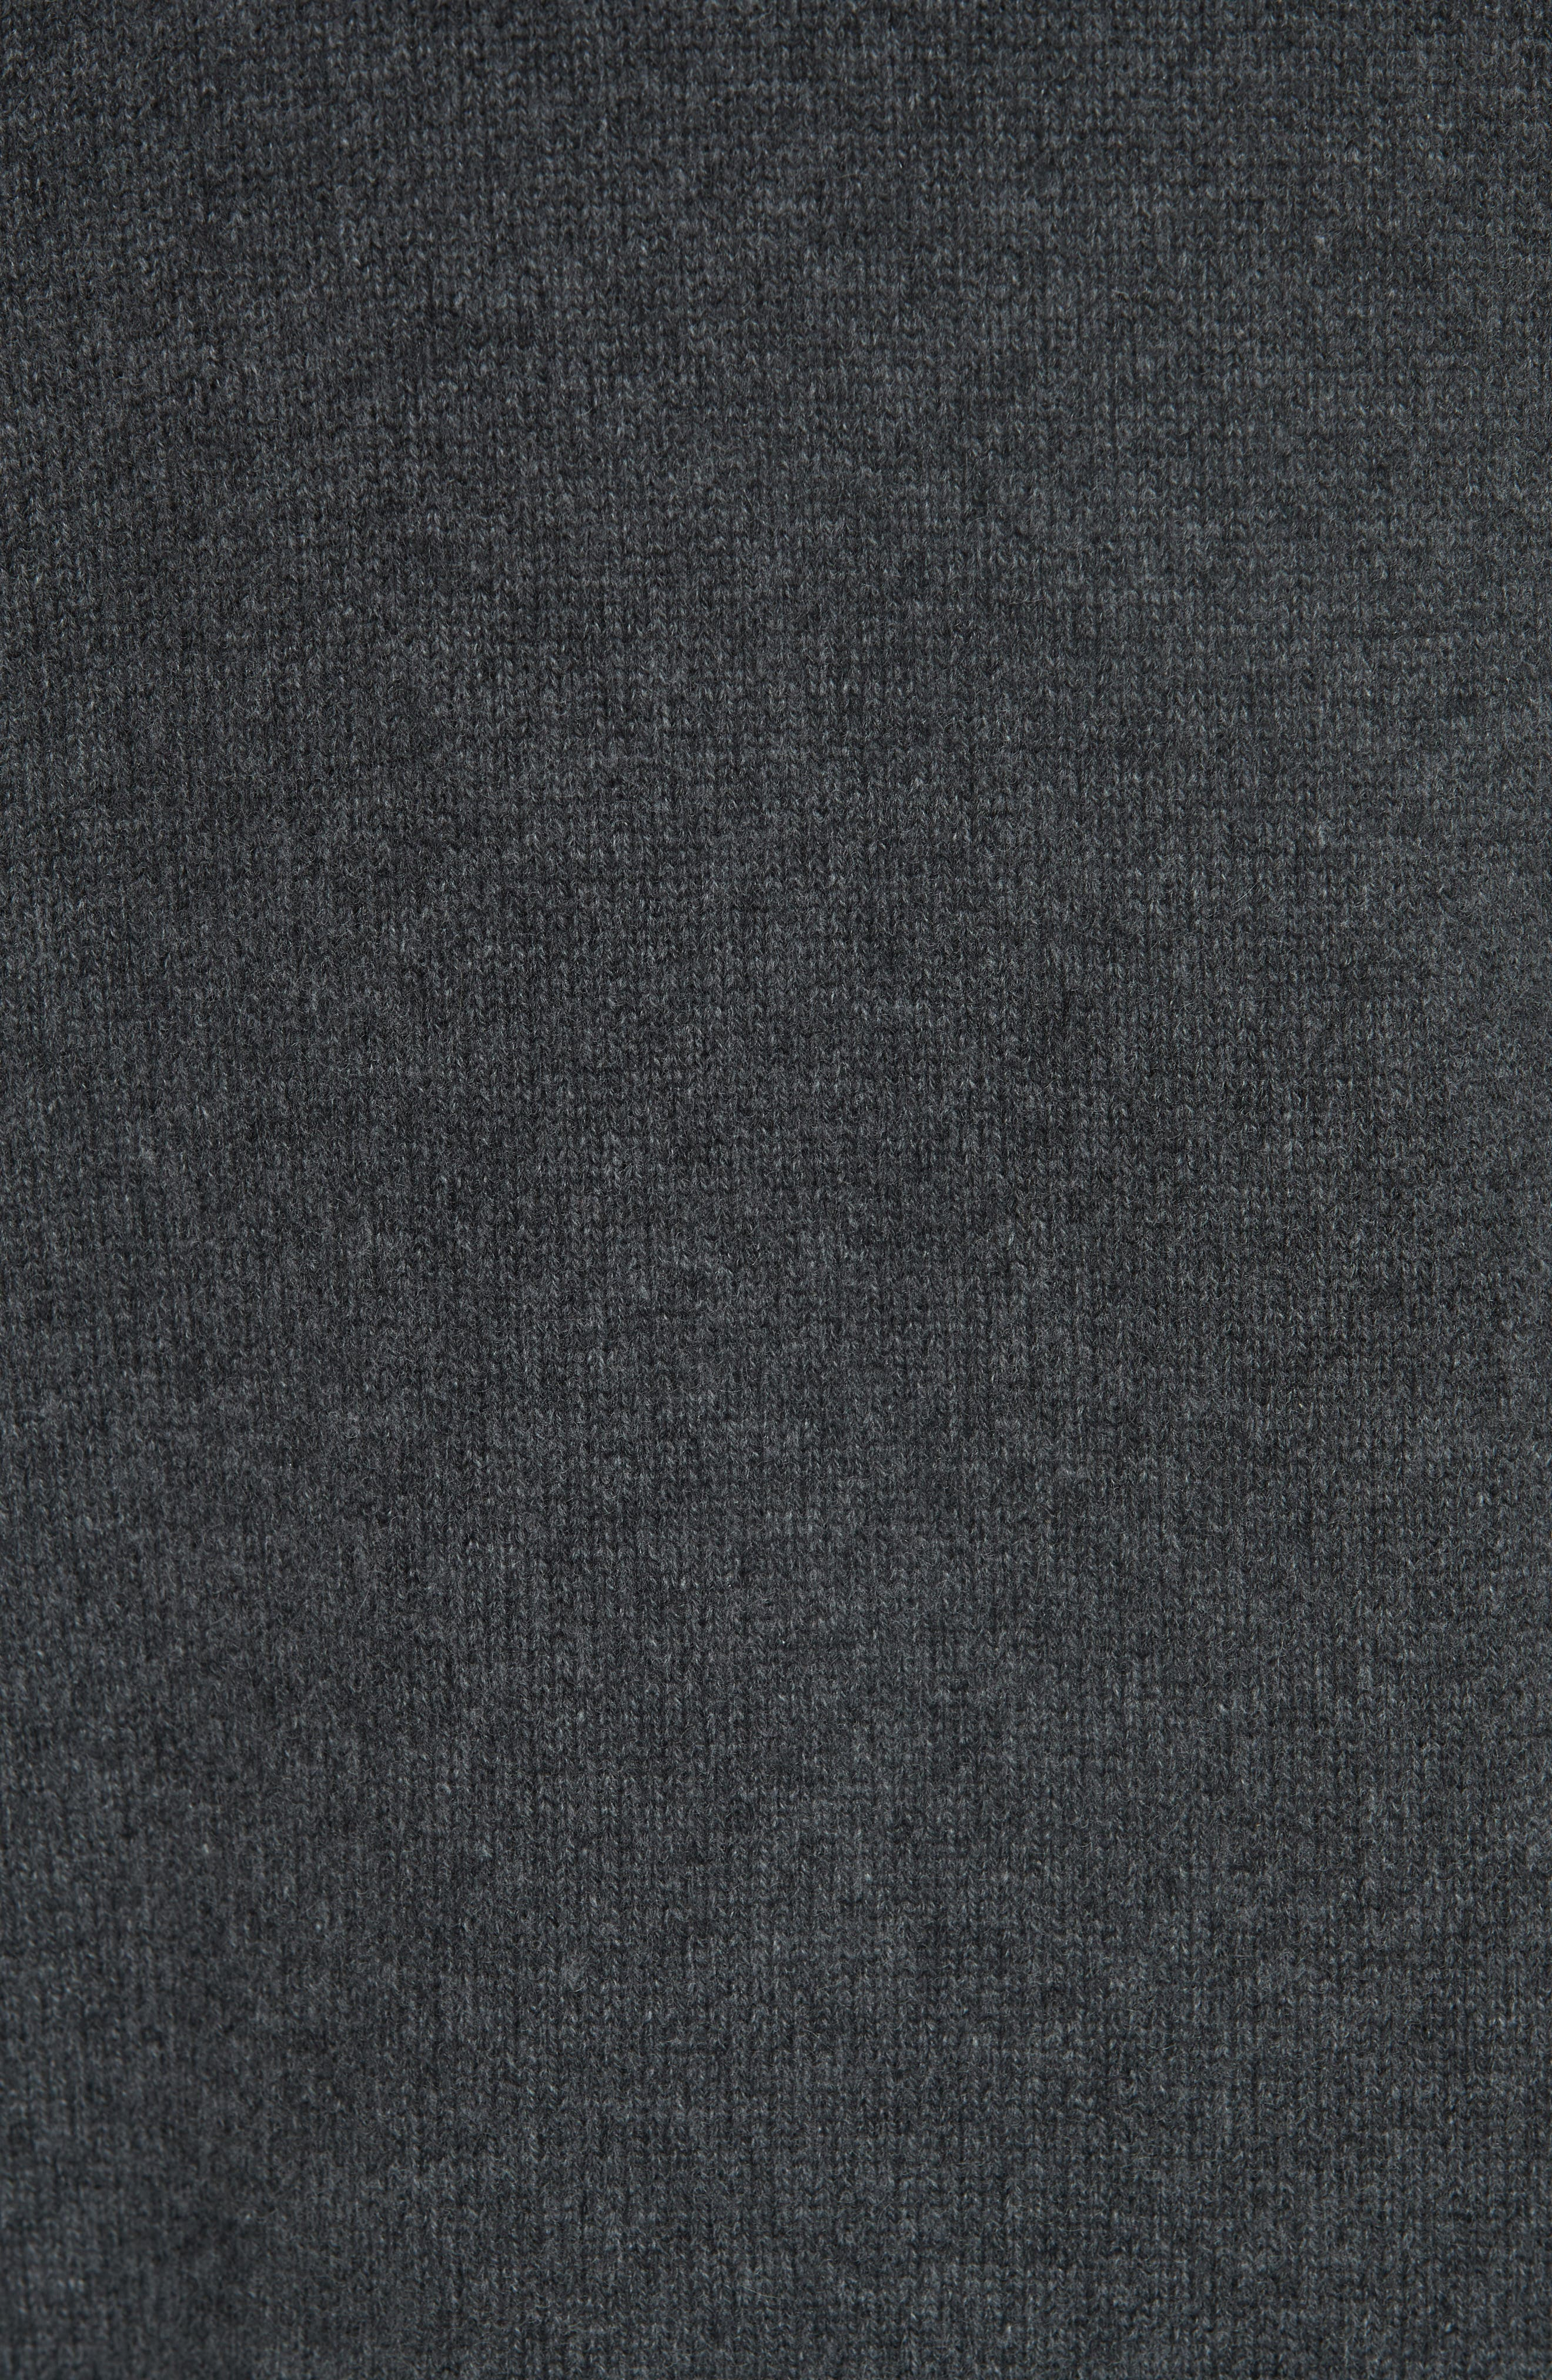 Cashmere Drop Shoulder Turtleneck Sweater,                             Alternate thumbnail 5, color,                             HEATHER BOULDER